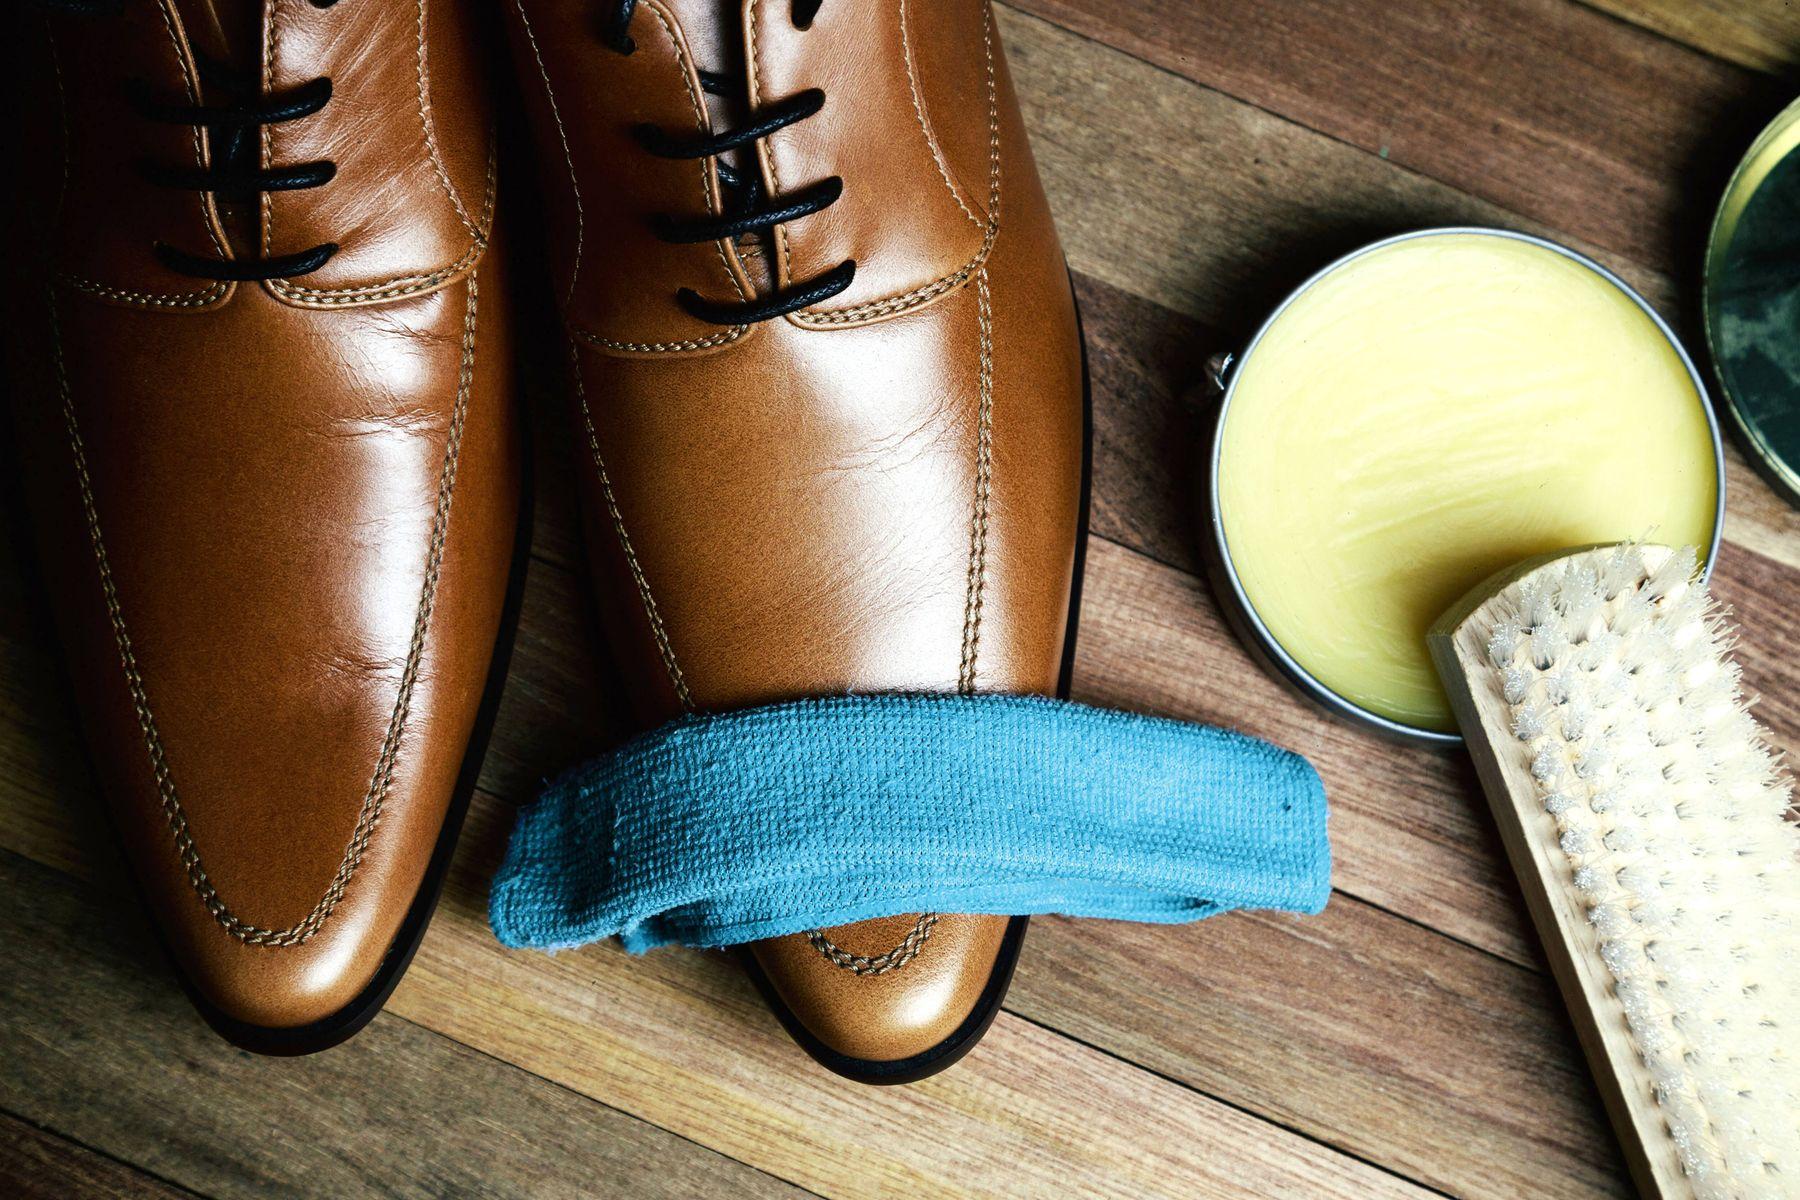 brauner Lederschuh, blaues Tuch, Pinsel und Dose Wachs